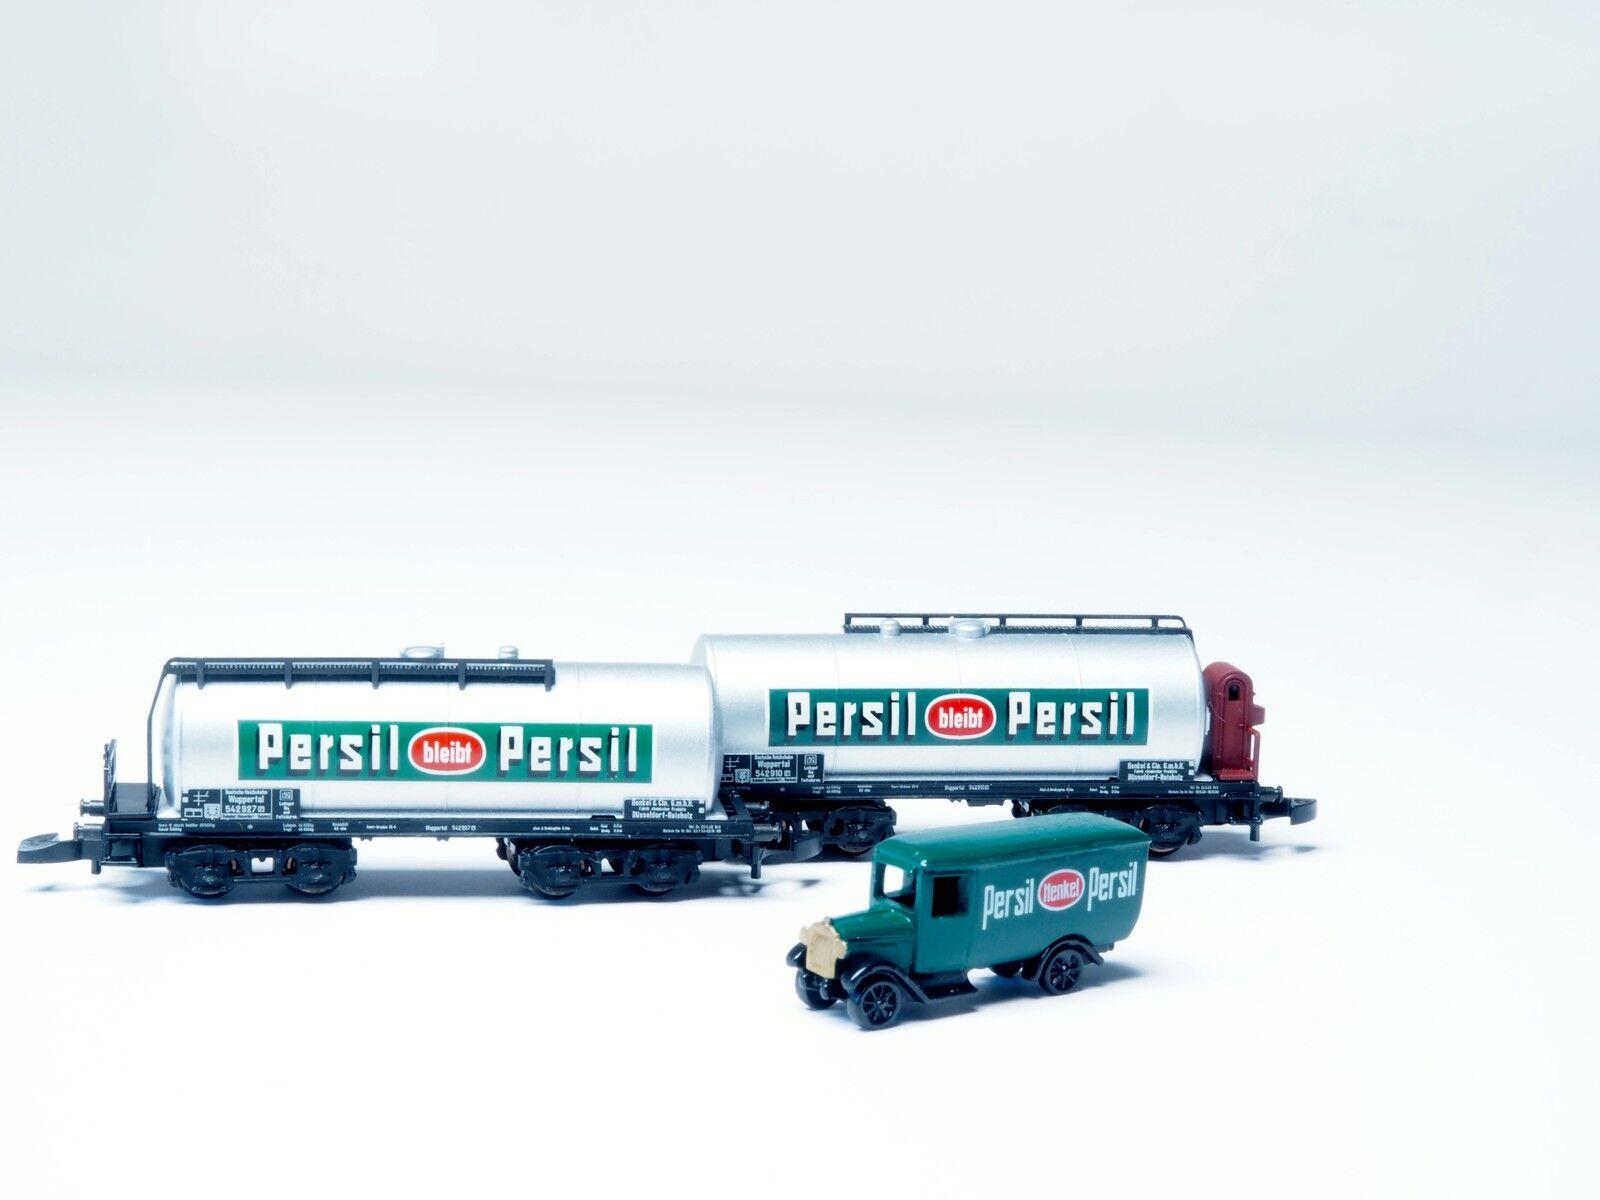 Marklin Z escala 82071 DRG  Persil  2 Tanque, Car Set con camión era II